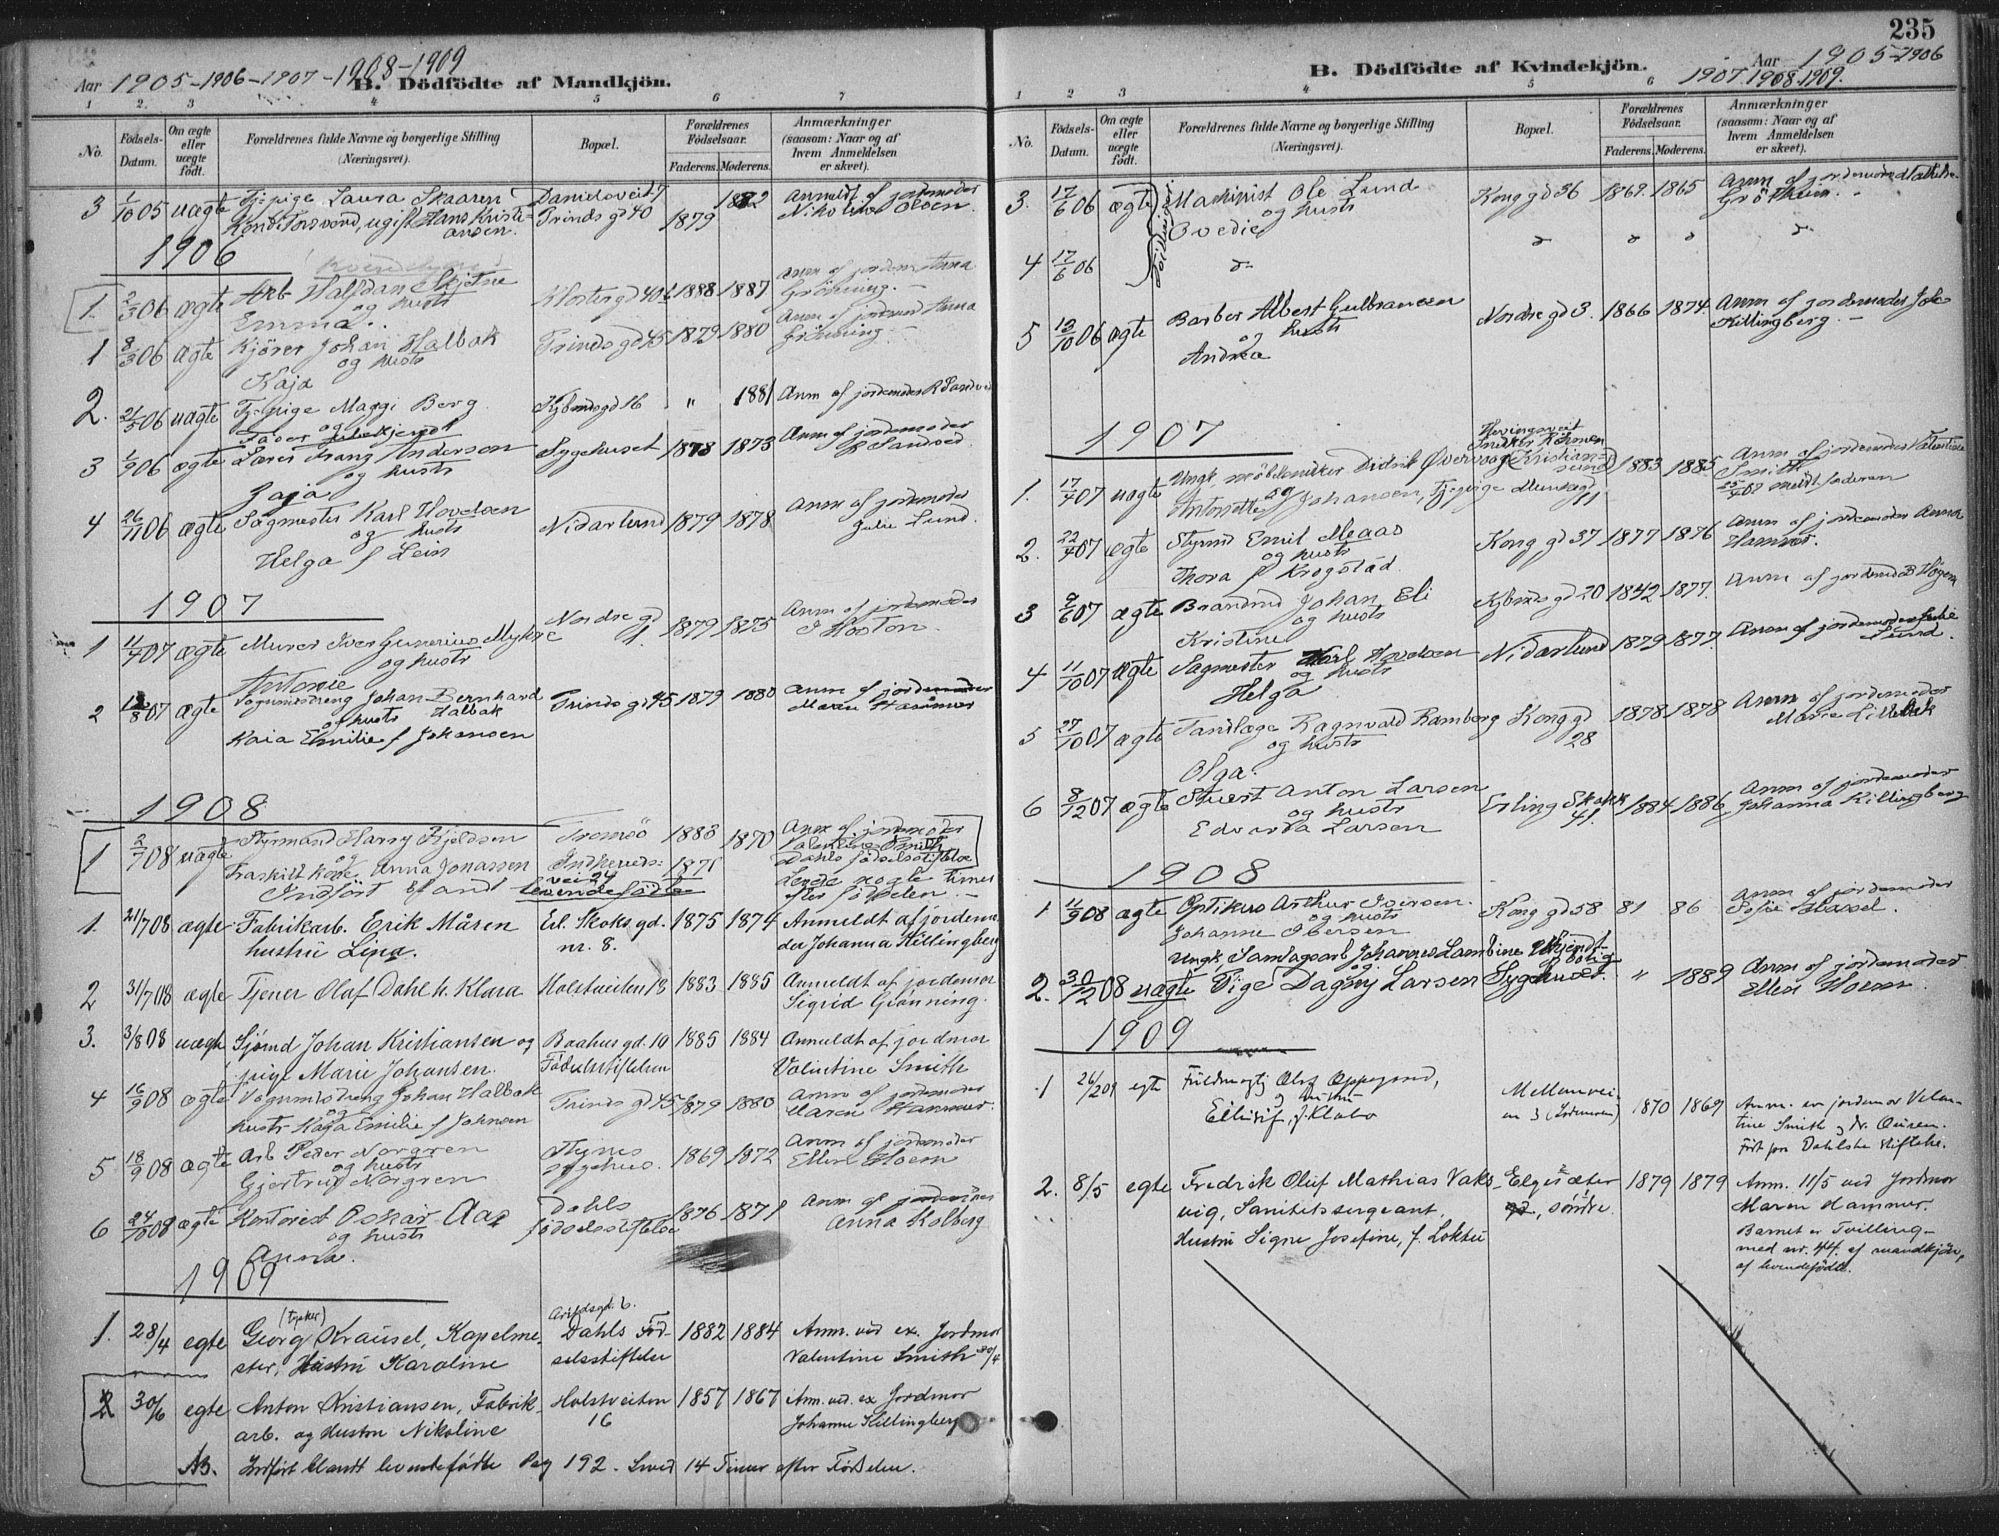 SAT, Ministerialprotokoller, klokkerbøker og fødselsregistre - Sør-Trøndelag, 601/L0062: Ministerialbok nr. 601A30, 1891-1911, s. 235